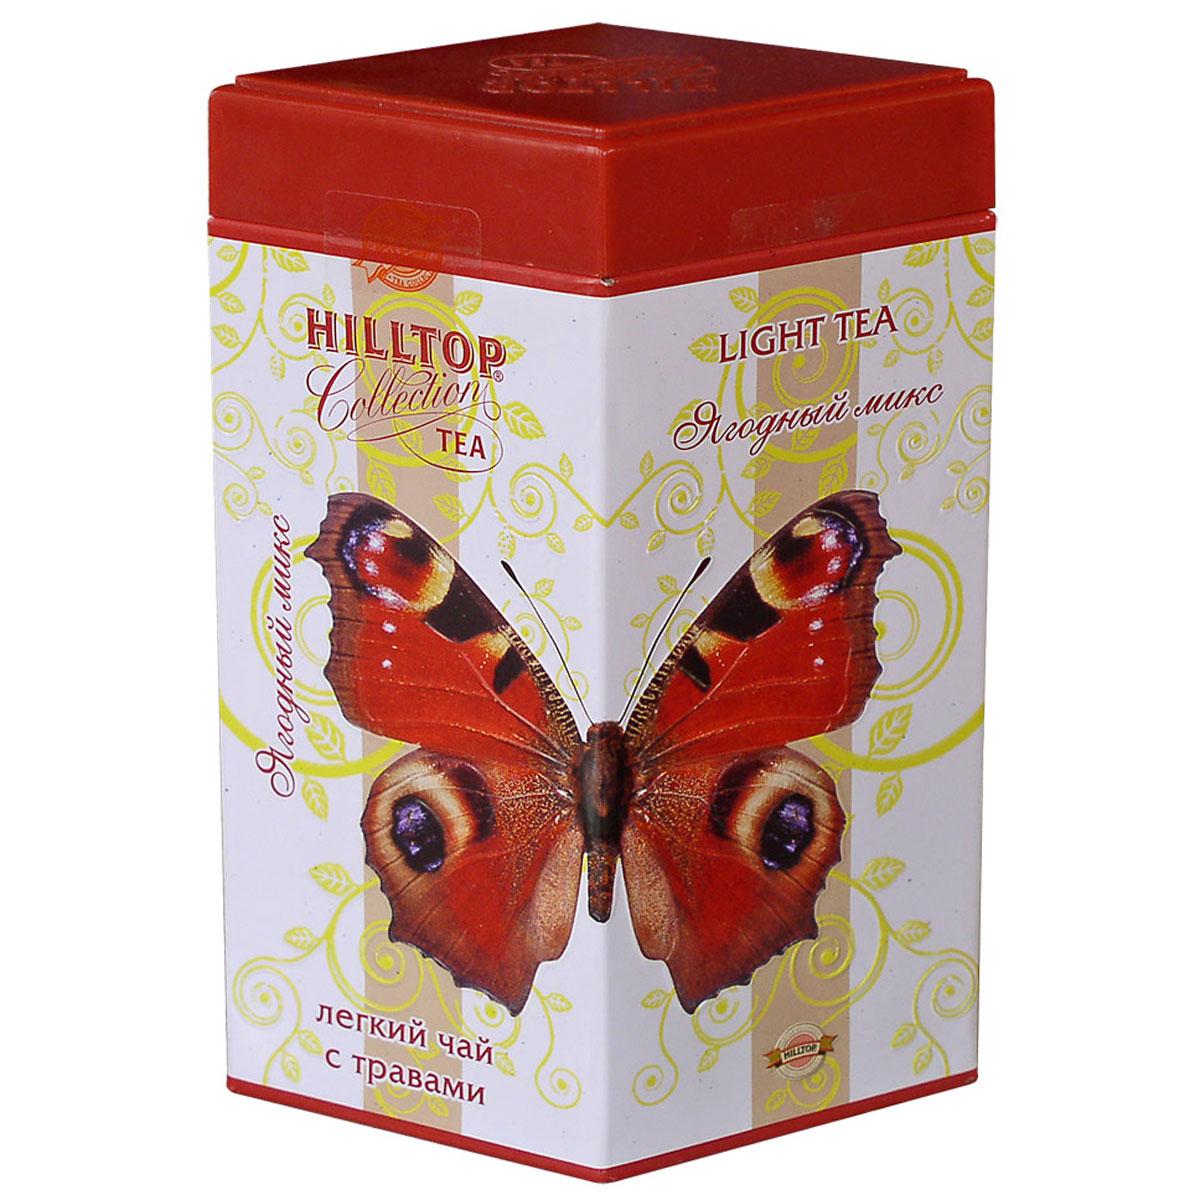 Hilltop Ягодный микс ароматизированный листовой чай, 100 г4607099301429Hilltop Ягодный микс - красочная и насыщенная смесь из черного чая и гибискуса, обогащенная кусочками манго, абрикоса, малины, яблока, изюма, шиповника и красной смородины.Легкий чай с травами- это современный взгляд на традиции чаепития, модный и свежий, смелый и романтичный. Основу смеси составляет чай, а благодаря повышенному содержанию трав, цветов и фруктово-ягодных добавок содержание кофеина в каждой чашке уменьшается. Зато появляется удовольствие от свежего аромата летних трав, нежного чайного вкуса и понимание того, что вы пьете удивительно гармоничный и полезный напиток